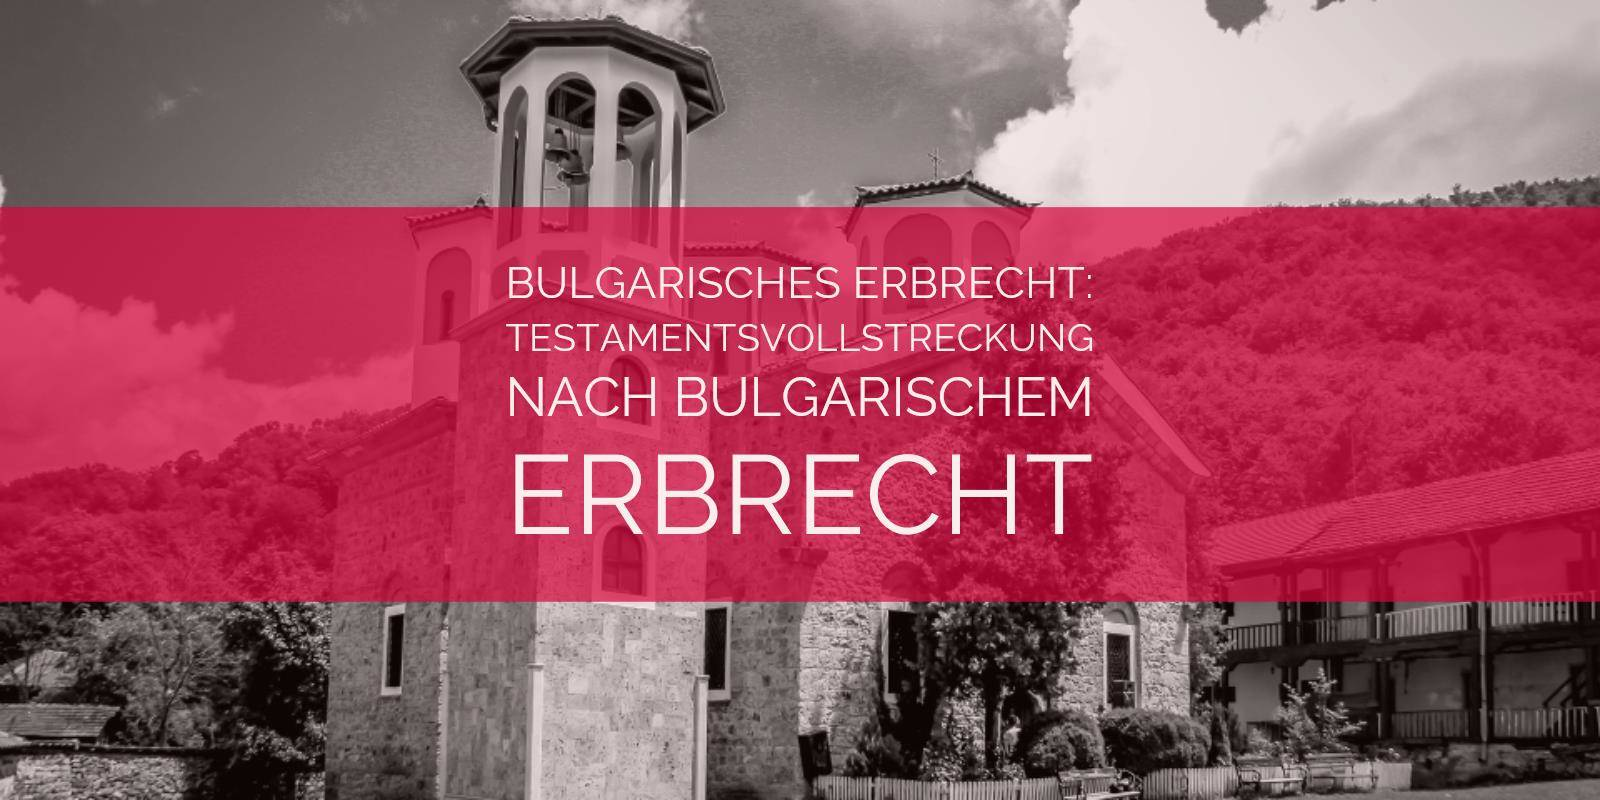 Bulgarisches Erbrecht: Testamentsvollstreckung nach bulgarischen Erbrecht | Rechtsanwalt und Fachanwalt für Erbrecht Detlev Balg - Köln